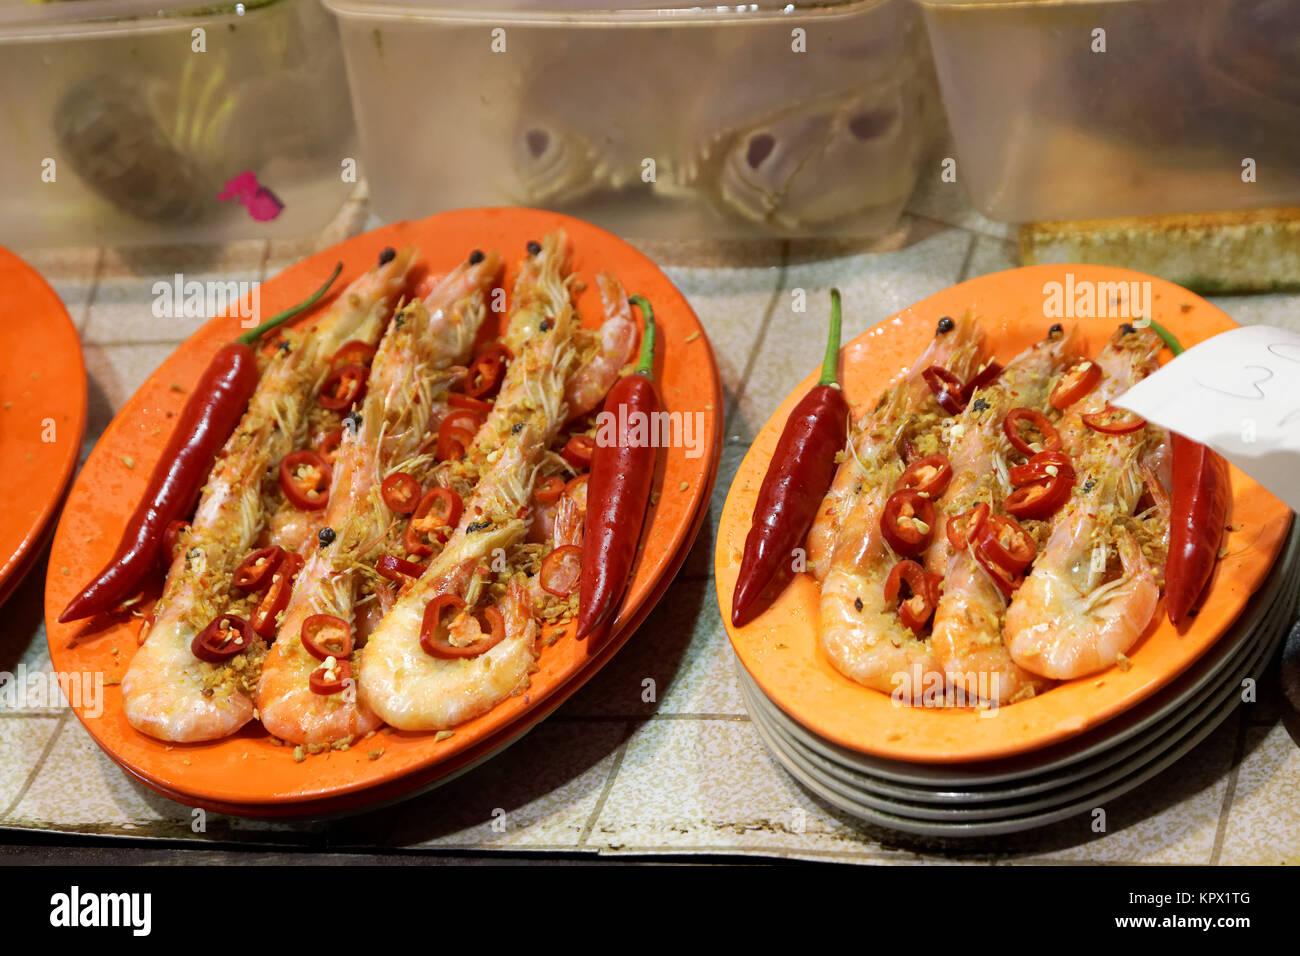 Hunan cuisine stock photos hunan cuisine stock images for Cuisine xiang